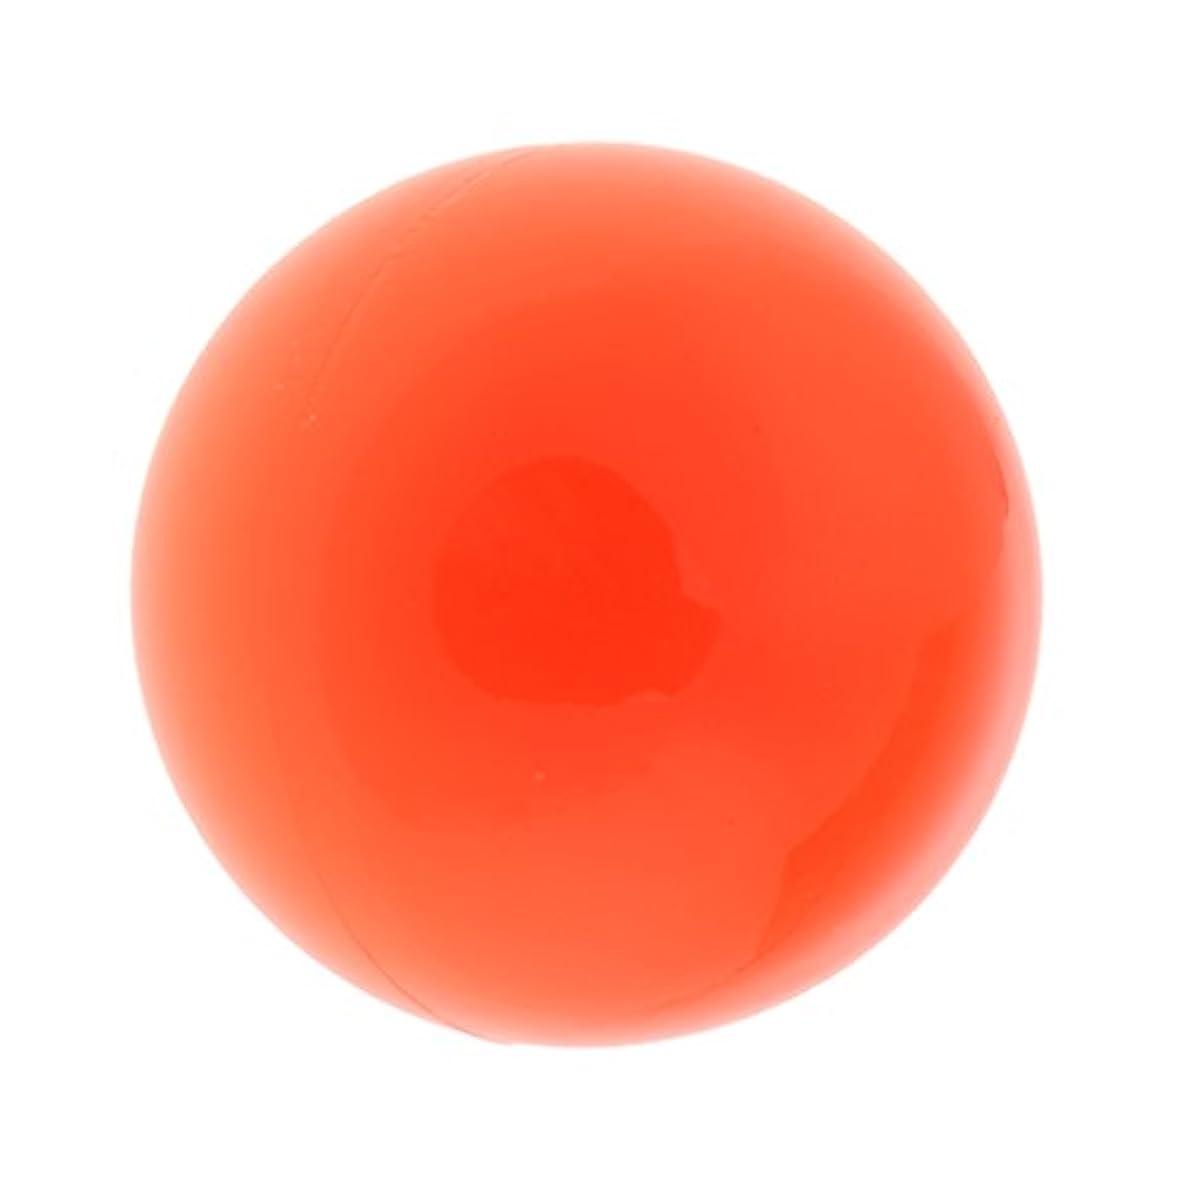 原点先駆者衝撃Fenteer ラクロスマッサージボール マッサージボール マッサージ 手のひら 足 腕 首 背中 足首 ジム ホーム 便利 オレンジ